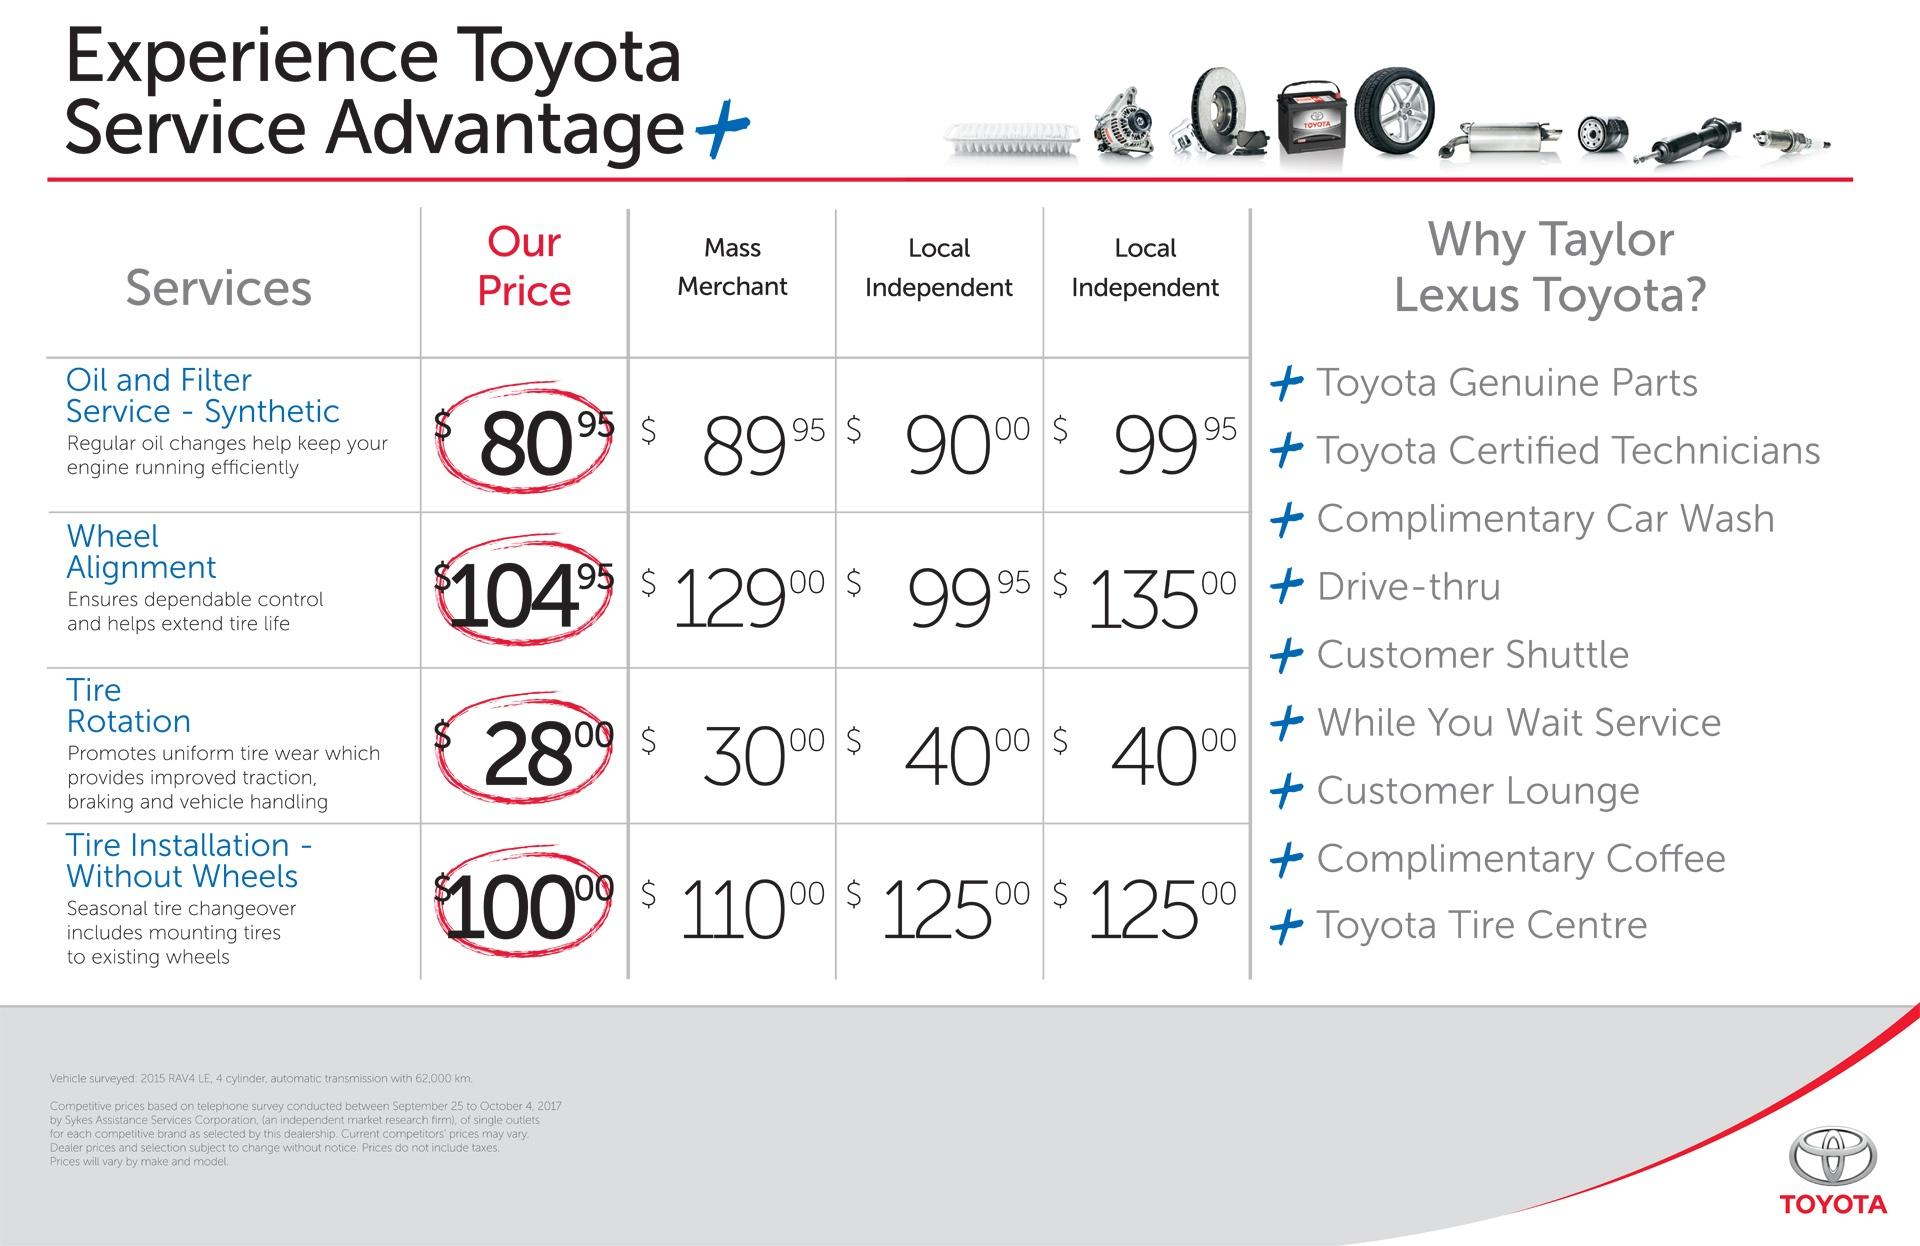 Compare Toyota Service Advantage